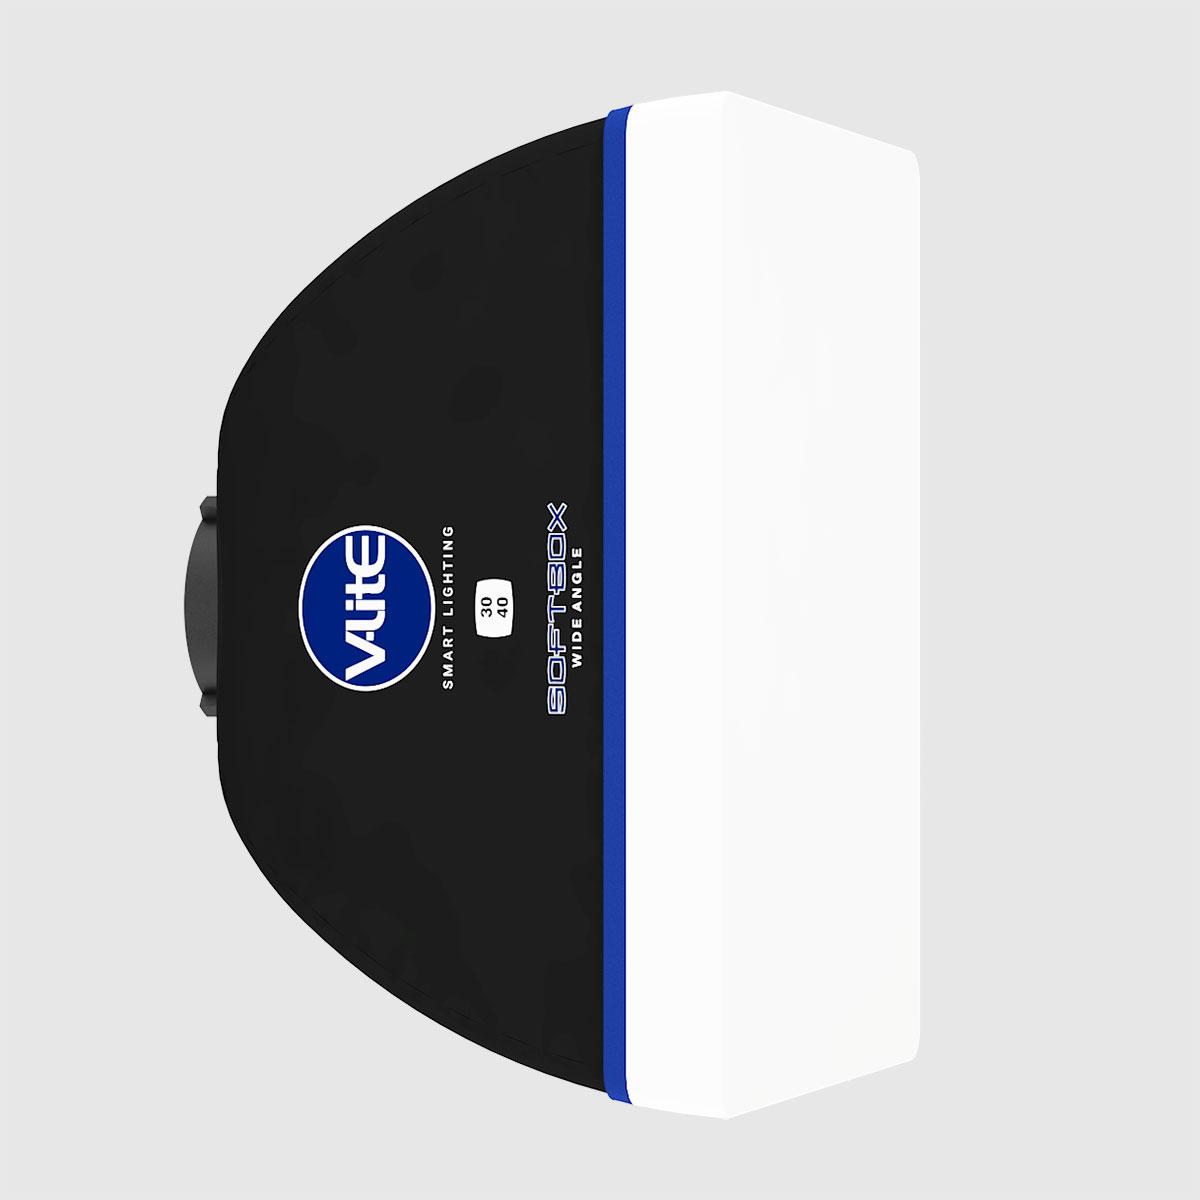 DIFUSOR DE LUZ SOFTBOX WIDE ANGLE 30 X 40 V-LITE